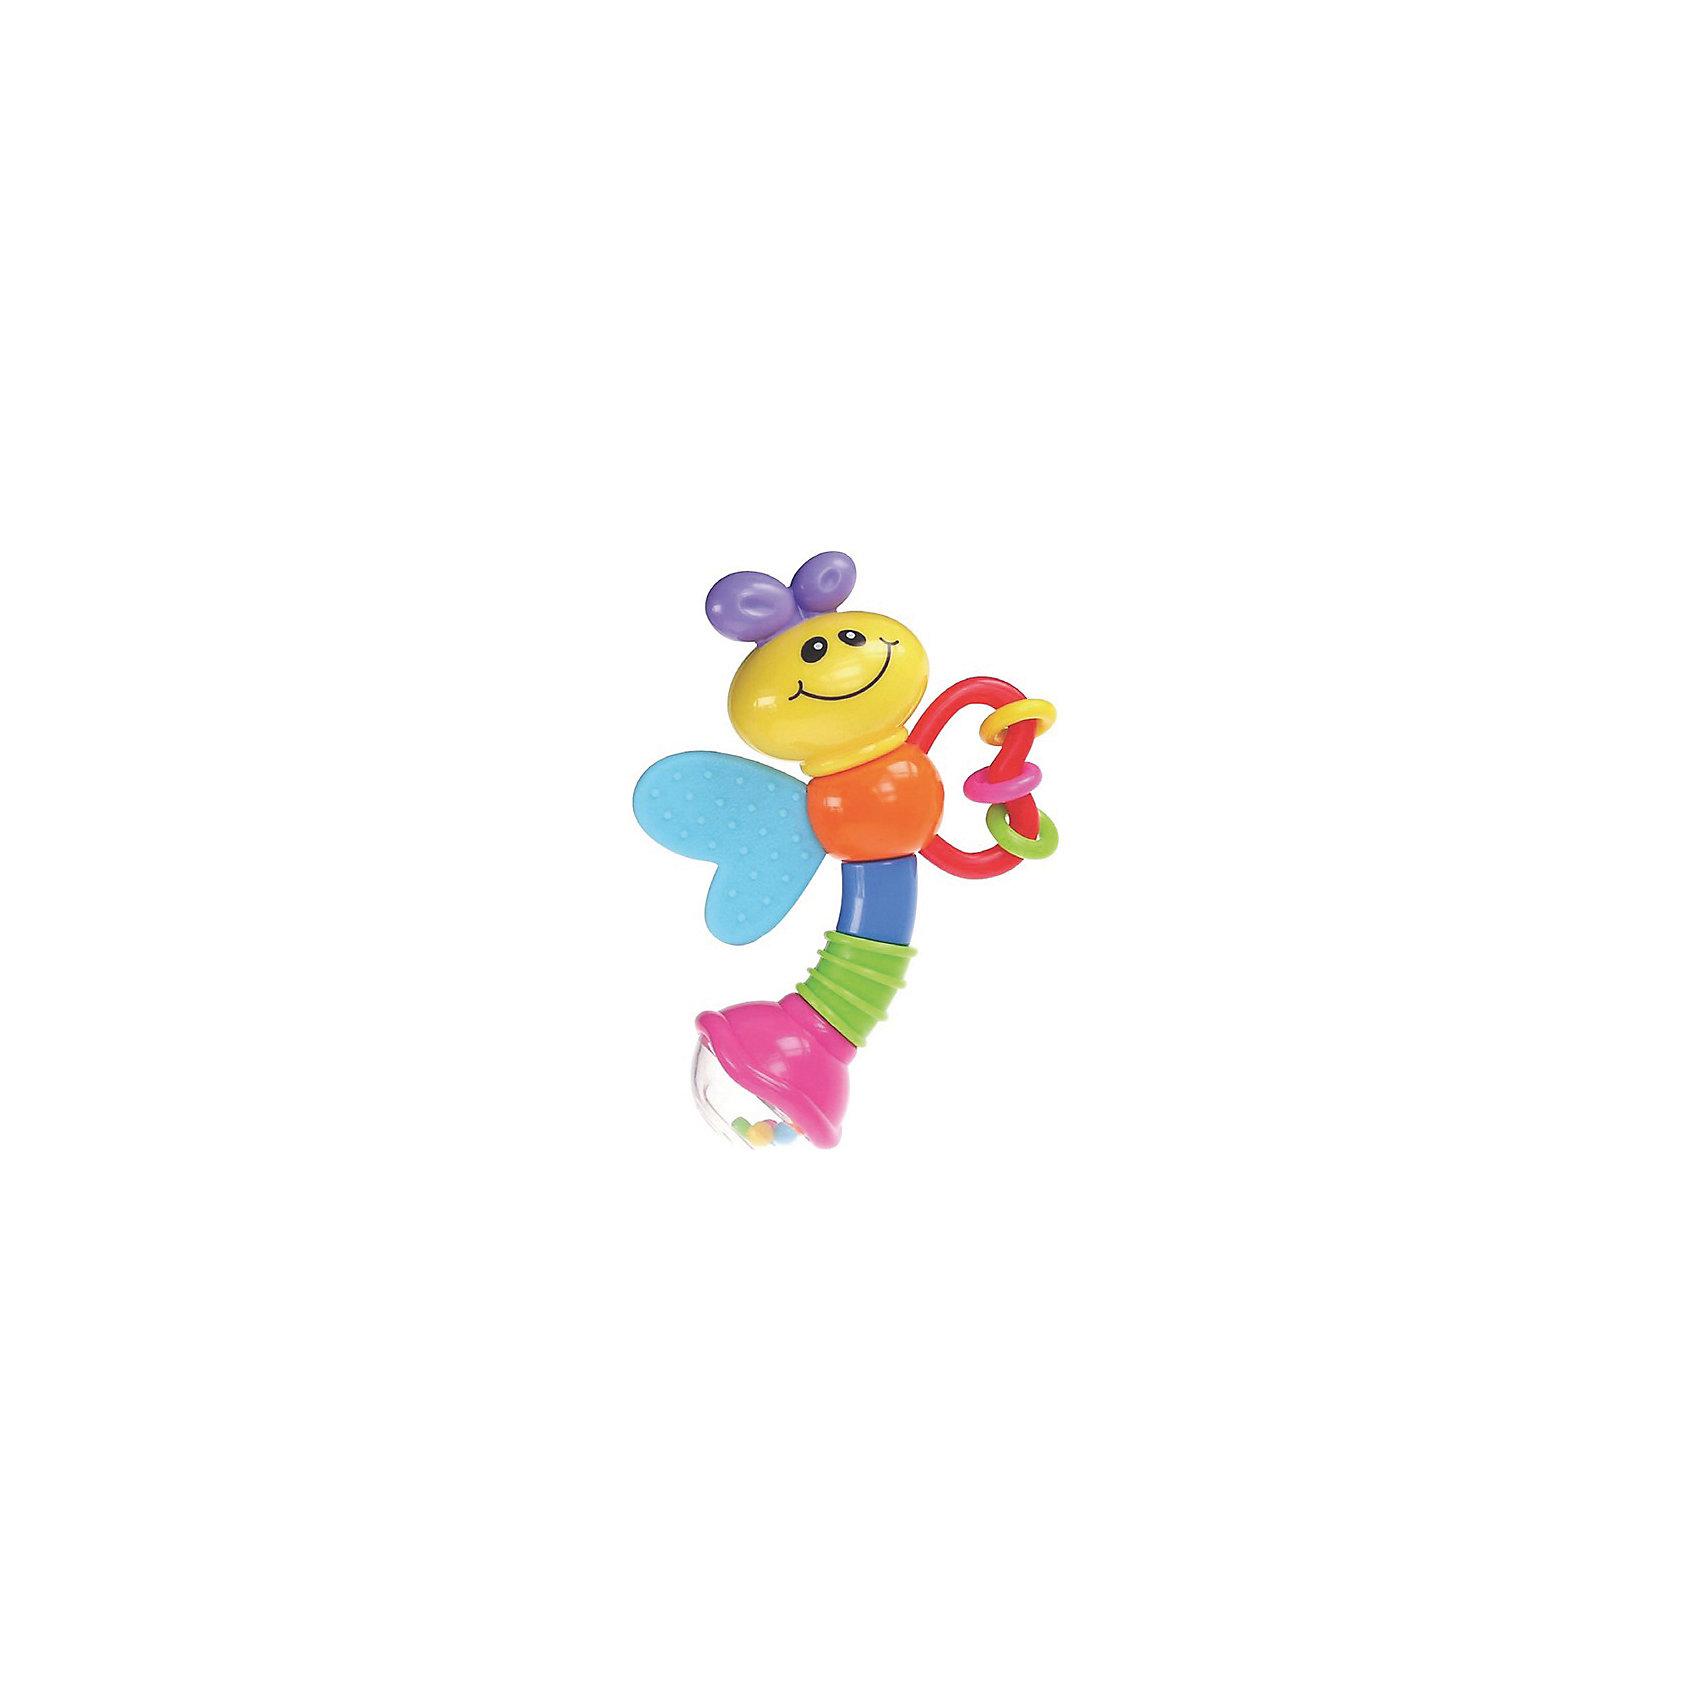 Игрушка Стрекоза, BKidsРазвивать способности ребенка можно с самого раннего возраста. Делая это в игре, малыш всесторонне изучает мир и осваивает новые навыки. Эта игрушка представляет собой погремушку и прорезыватель в виде стрекозы с фактурной поверхностью. <br>Такие игрушки способствуют развитию мелкой моторики, воображения, цвето- и звуковосприятия, тактильных ощущений и обучению. Изделие разработано специально для самых маленьких. Сделано из материалов, безопасных для детей.<br><br>Дополнительная информация:<br><br>цвет: разноцветный;<br>размер упаковки: 10 х 10 см;<br>возраст: с рождения.<br><br>Игрушку Стрекоза от бренда BKids можно купить в нашем интернет-магазине.<br><br>Ширина мм: 101<br>Глубина мм: 101<br>Высота мм: 20<br>Вес г: 95<br>Возраст от месяцев: 0<br>Возраст до месяцев: 36<br>Пол: Унисекс<br>Возраст: Детский<br>SKU: 5055388